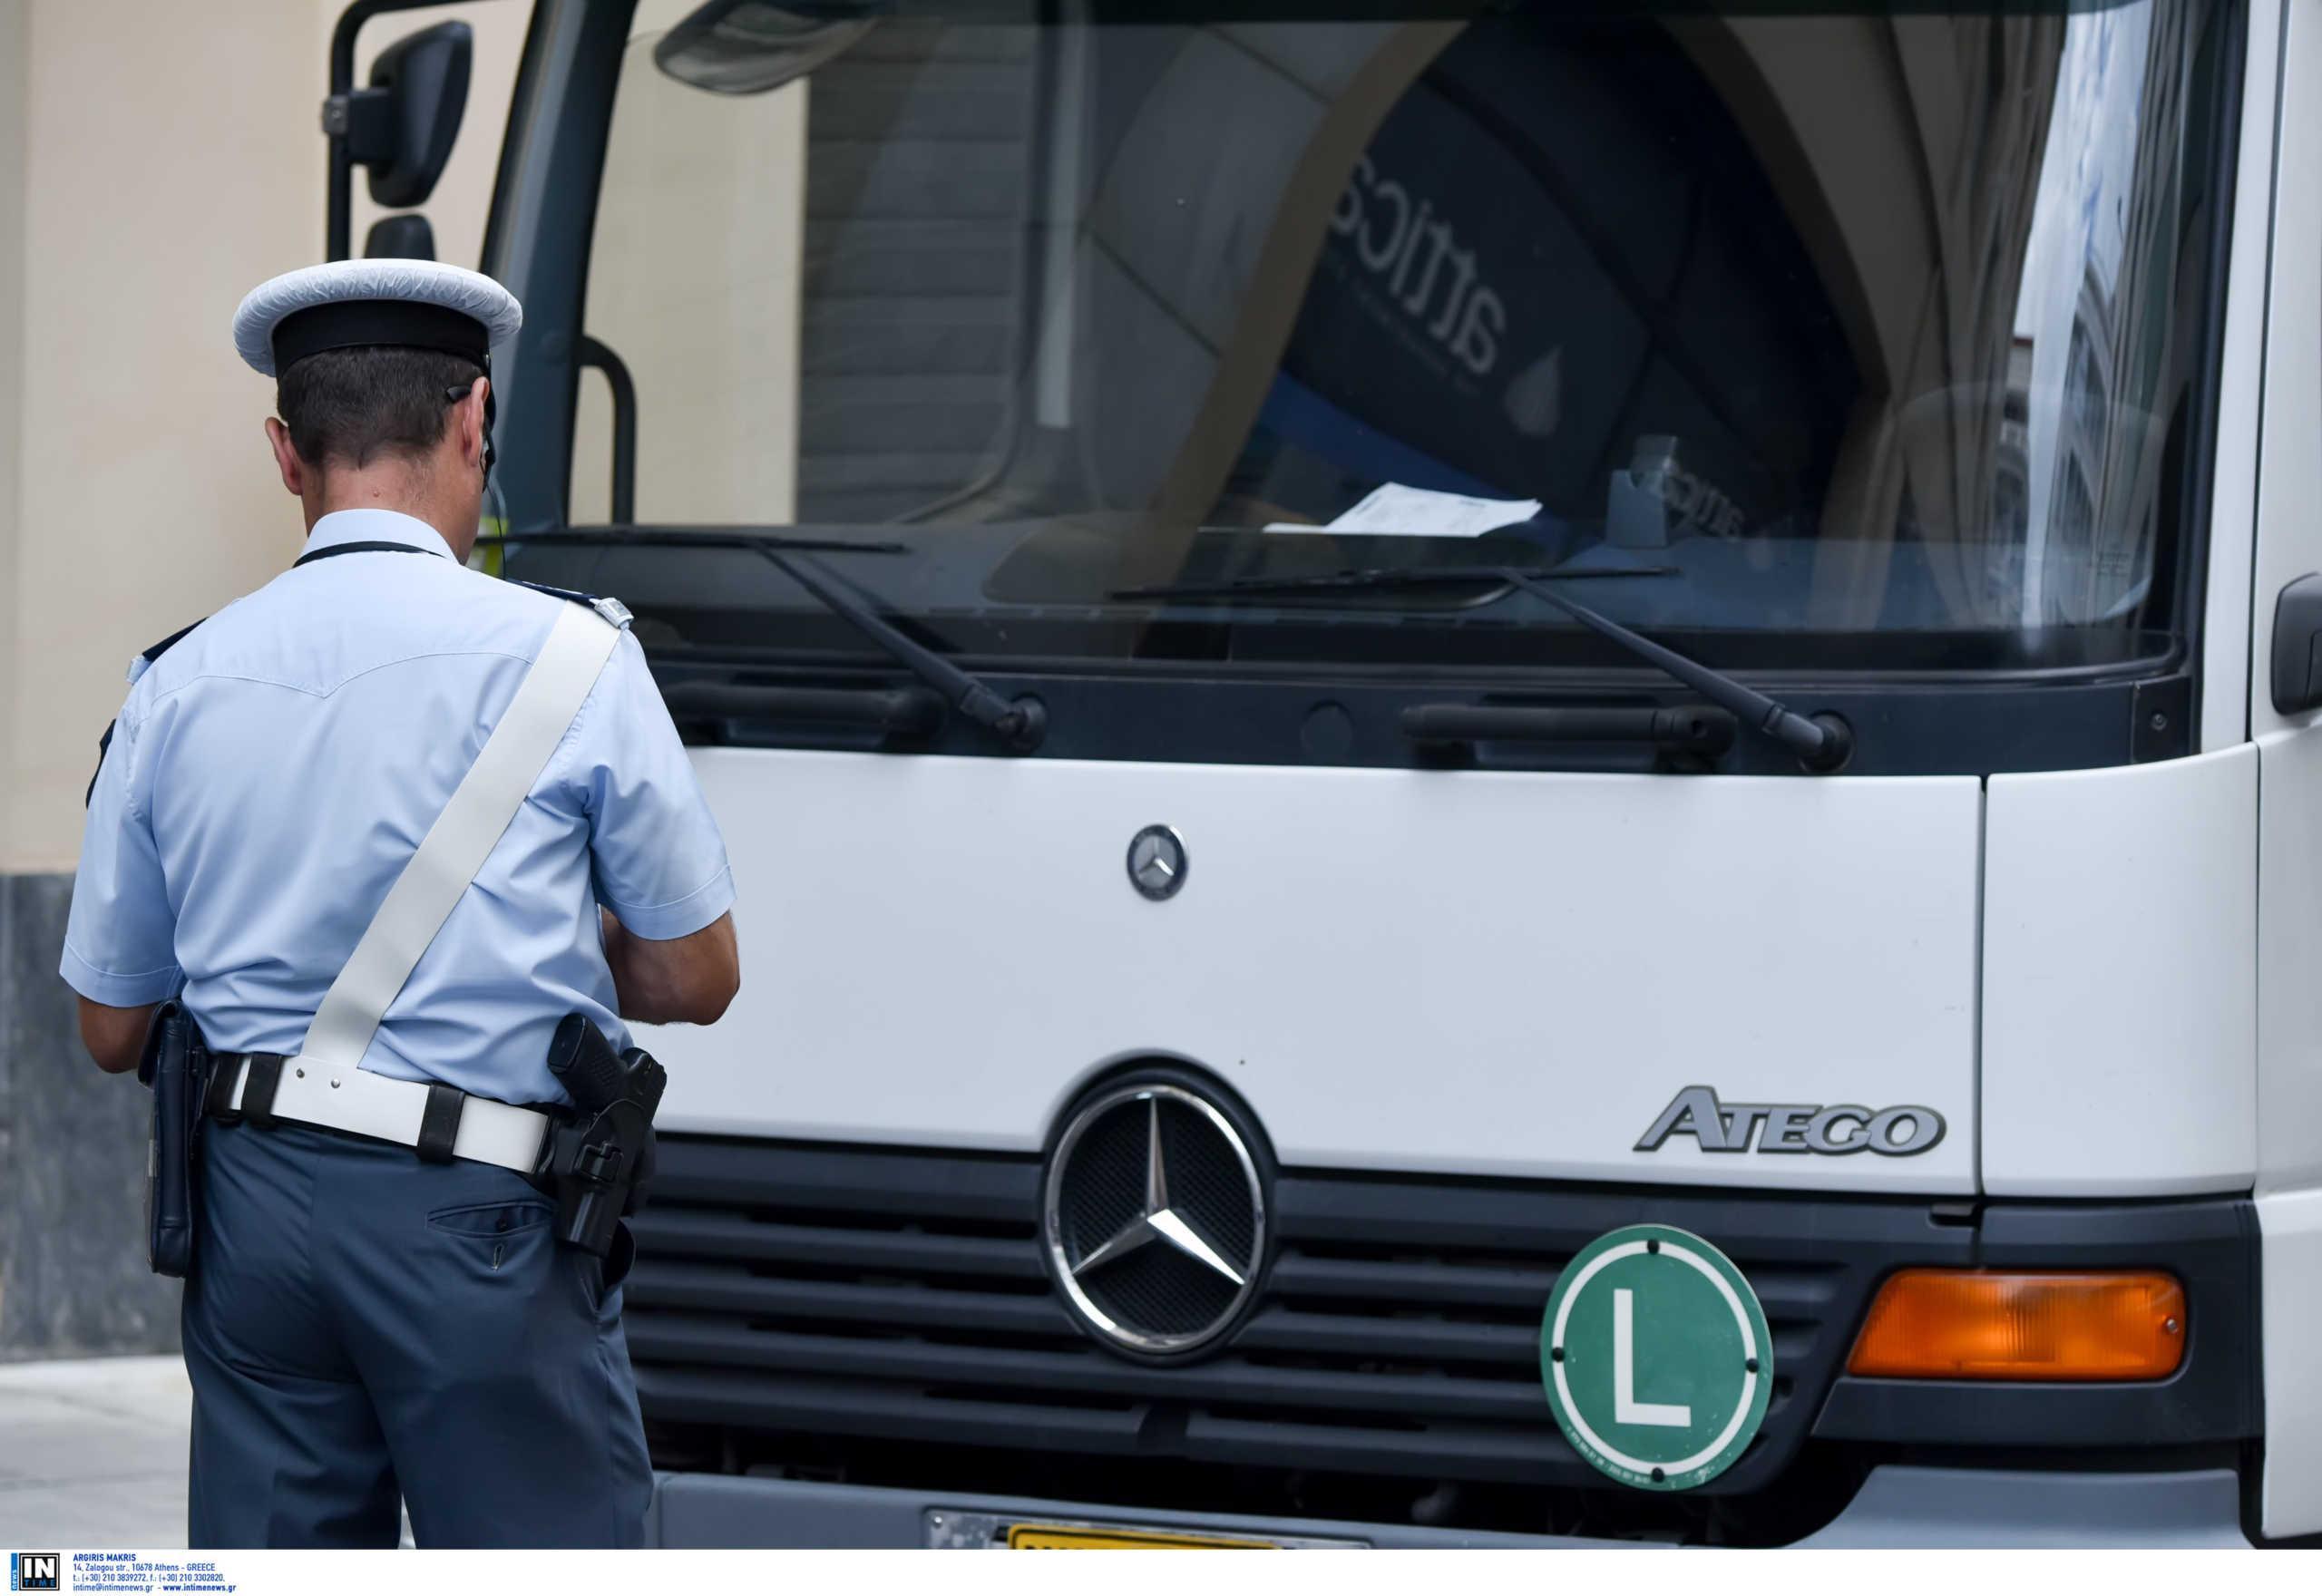 Υπουργείο Μεταφορών: Έκτακτα μέτρα για φορτηγά με ψυγεία και παρατάσεις προθεσμιών